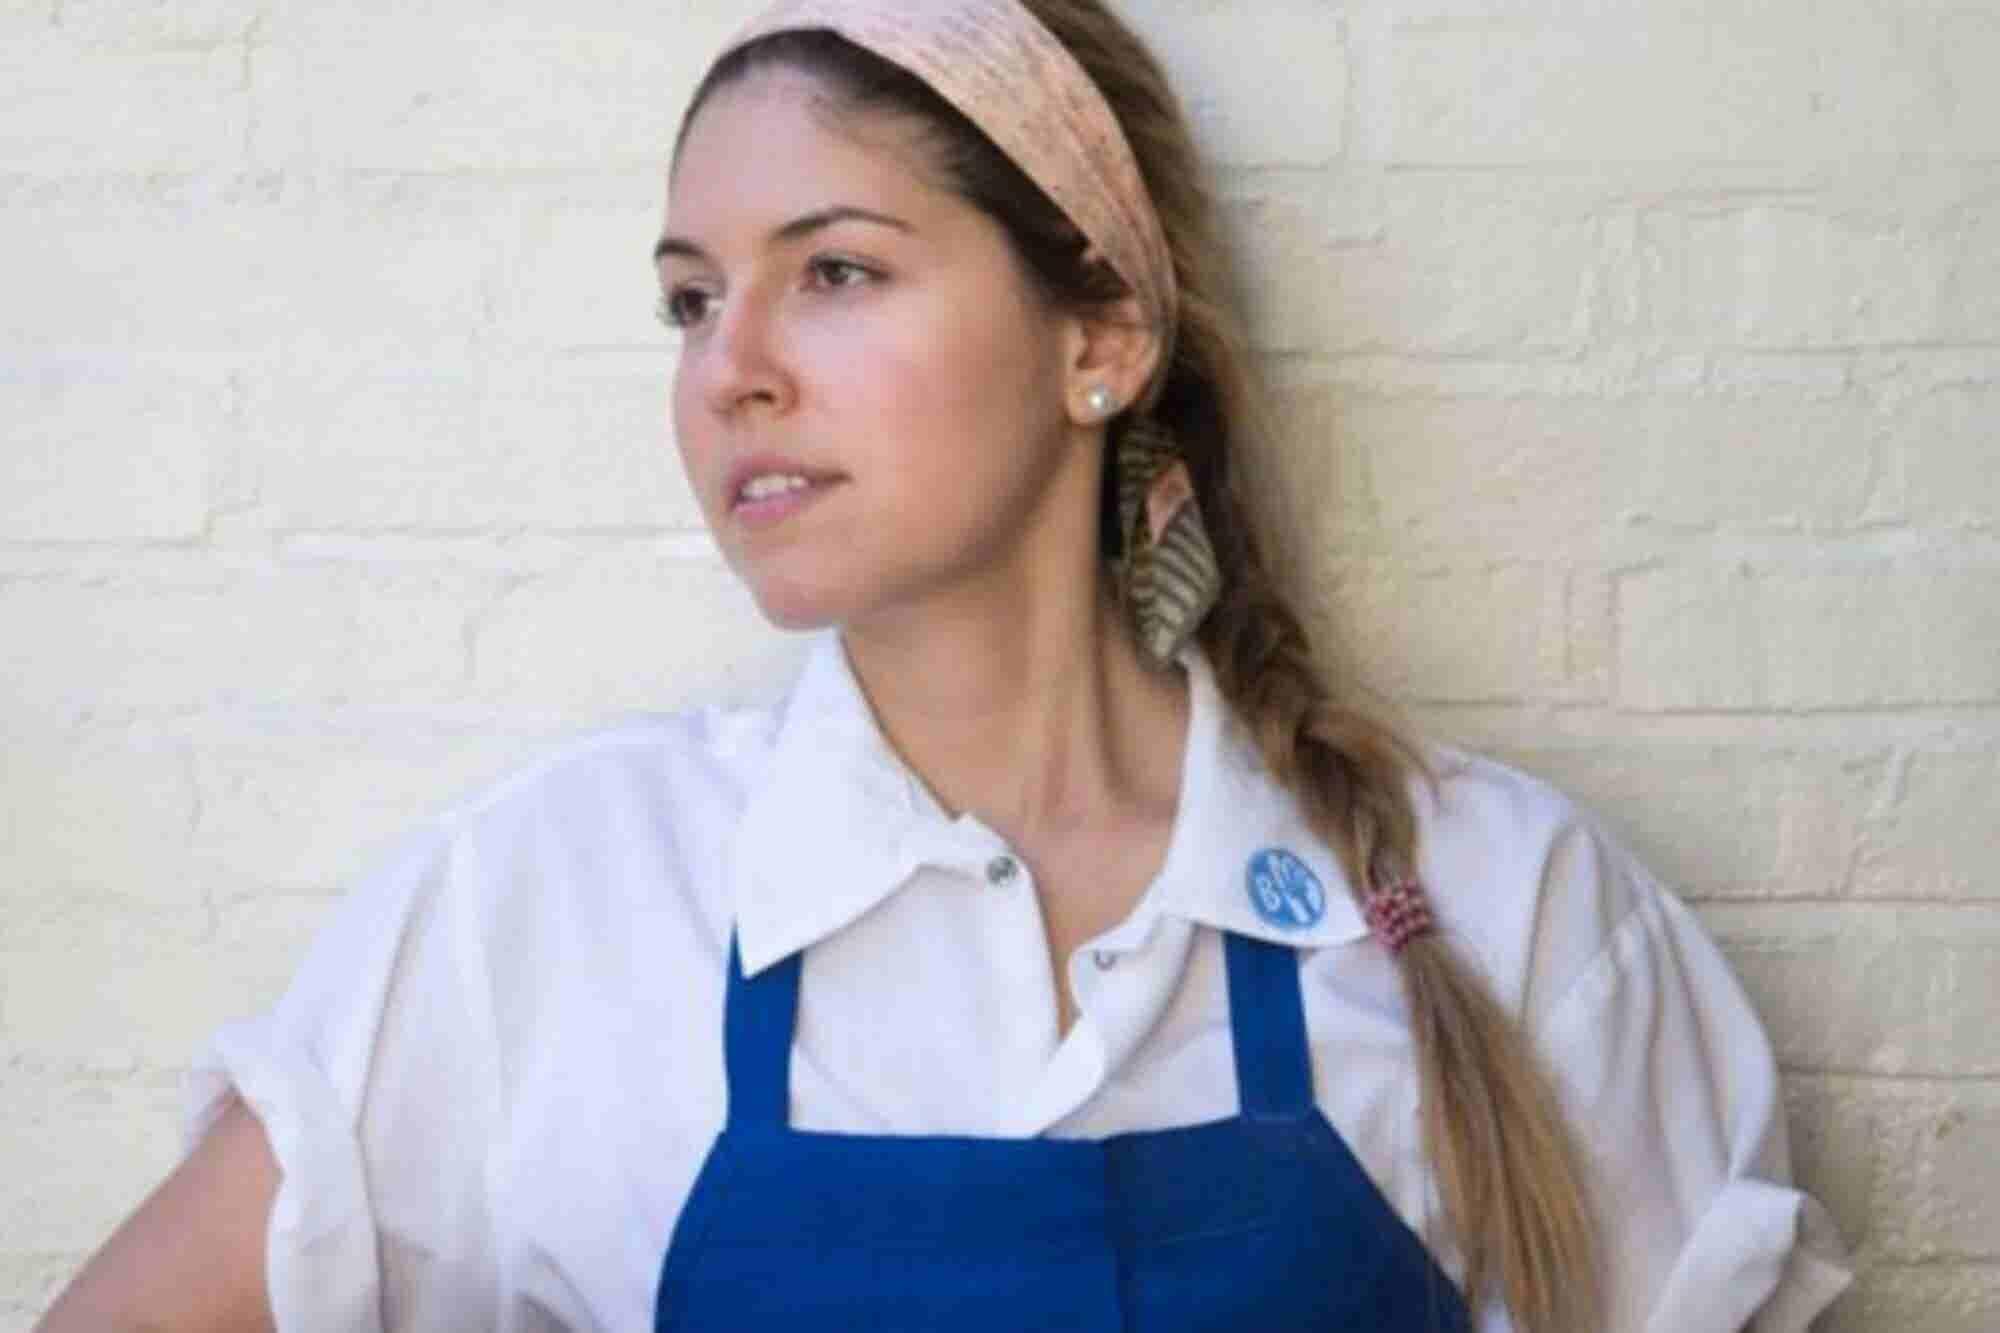 La chef venezolana que buscó asilo político para seguir sus sueños emp...